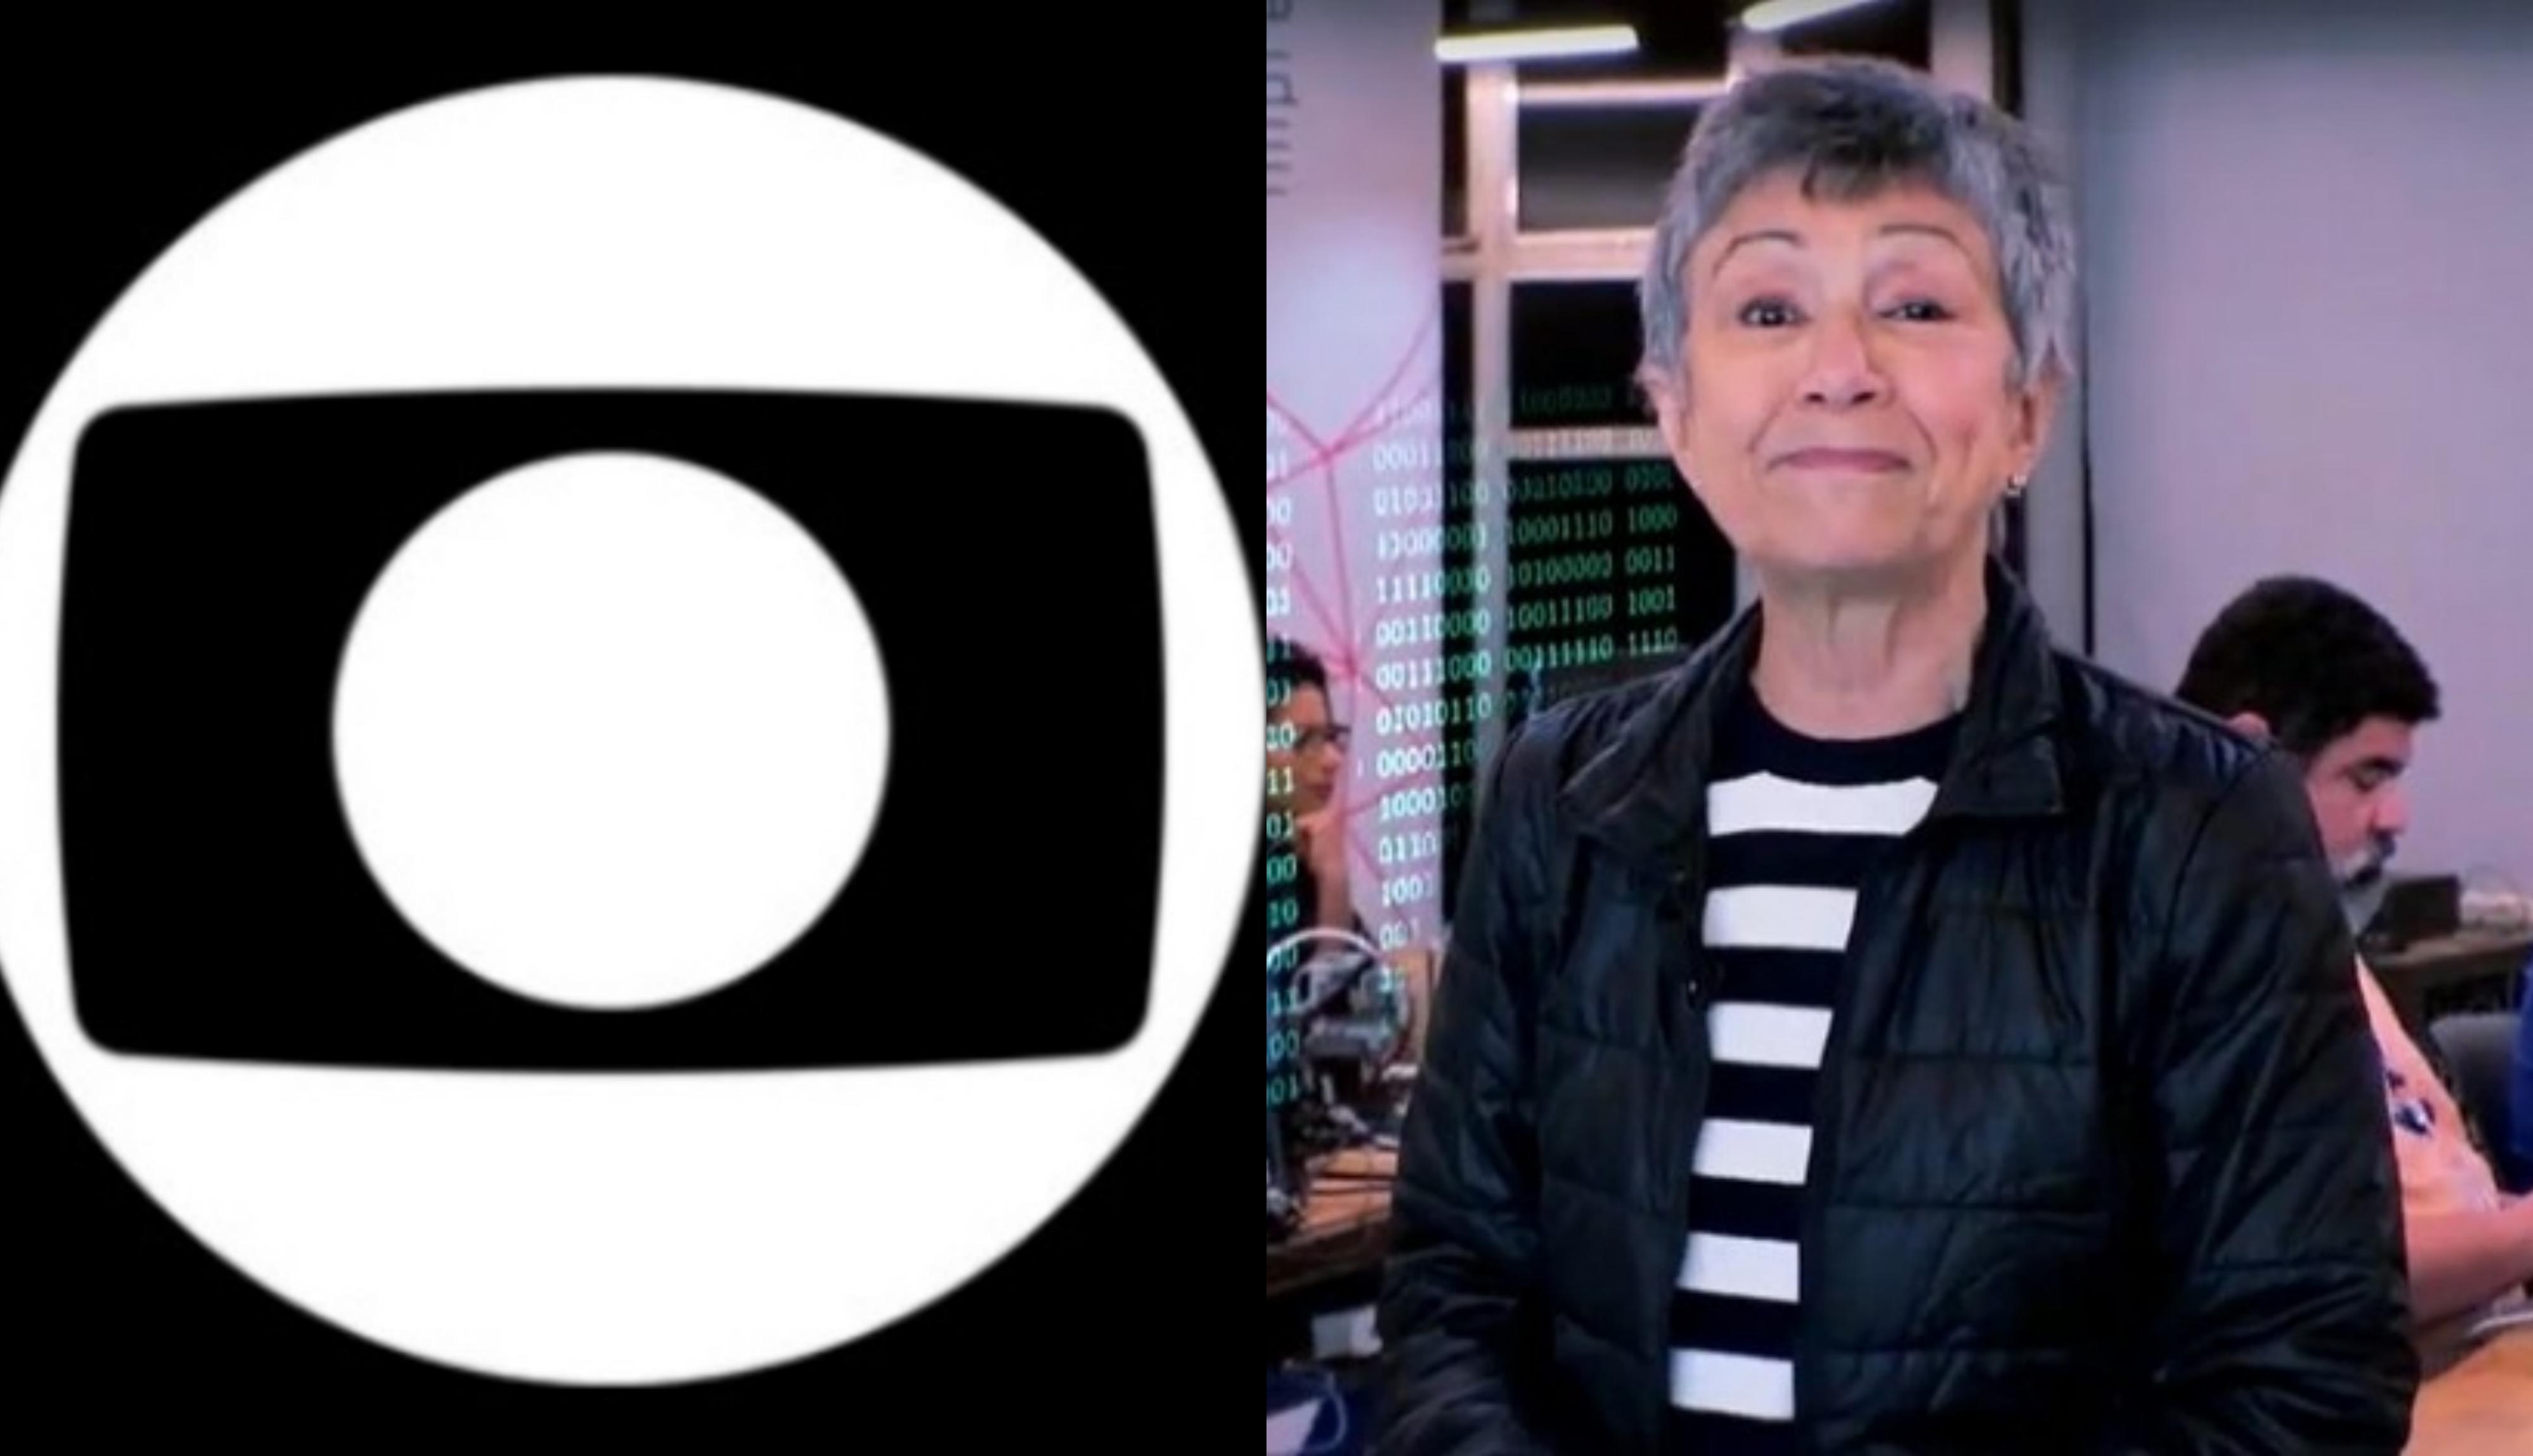 A famosa apresentadora e repórter da Globo há mais de 50 anos, Sandra Passarinho pede demissão para realizar novos trabalhos (foto: Montagem TV Foco)